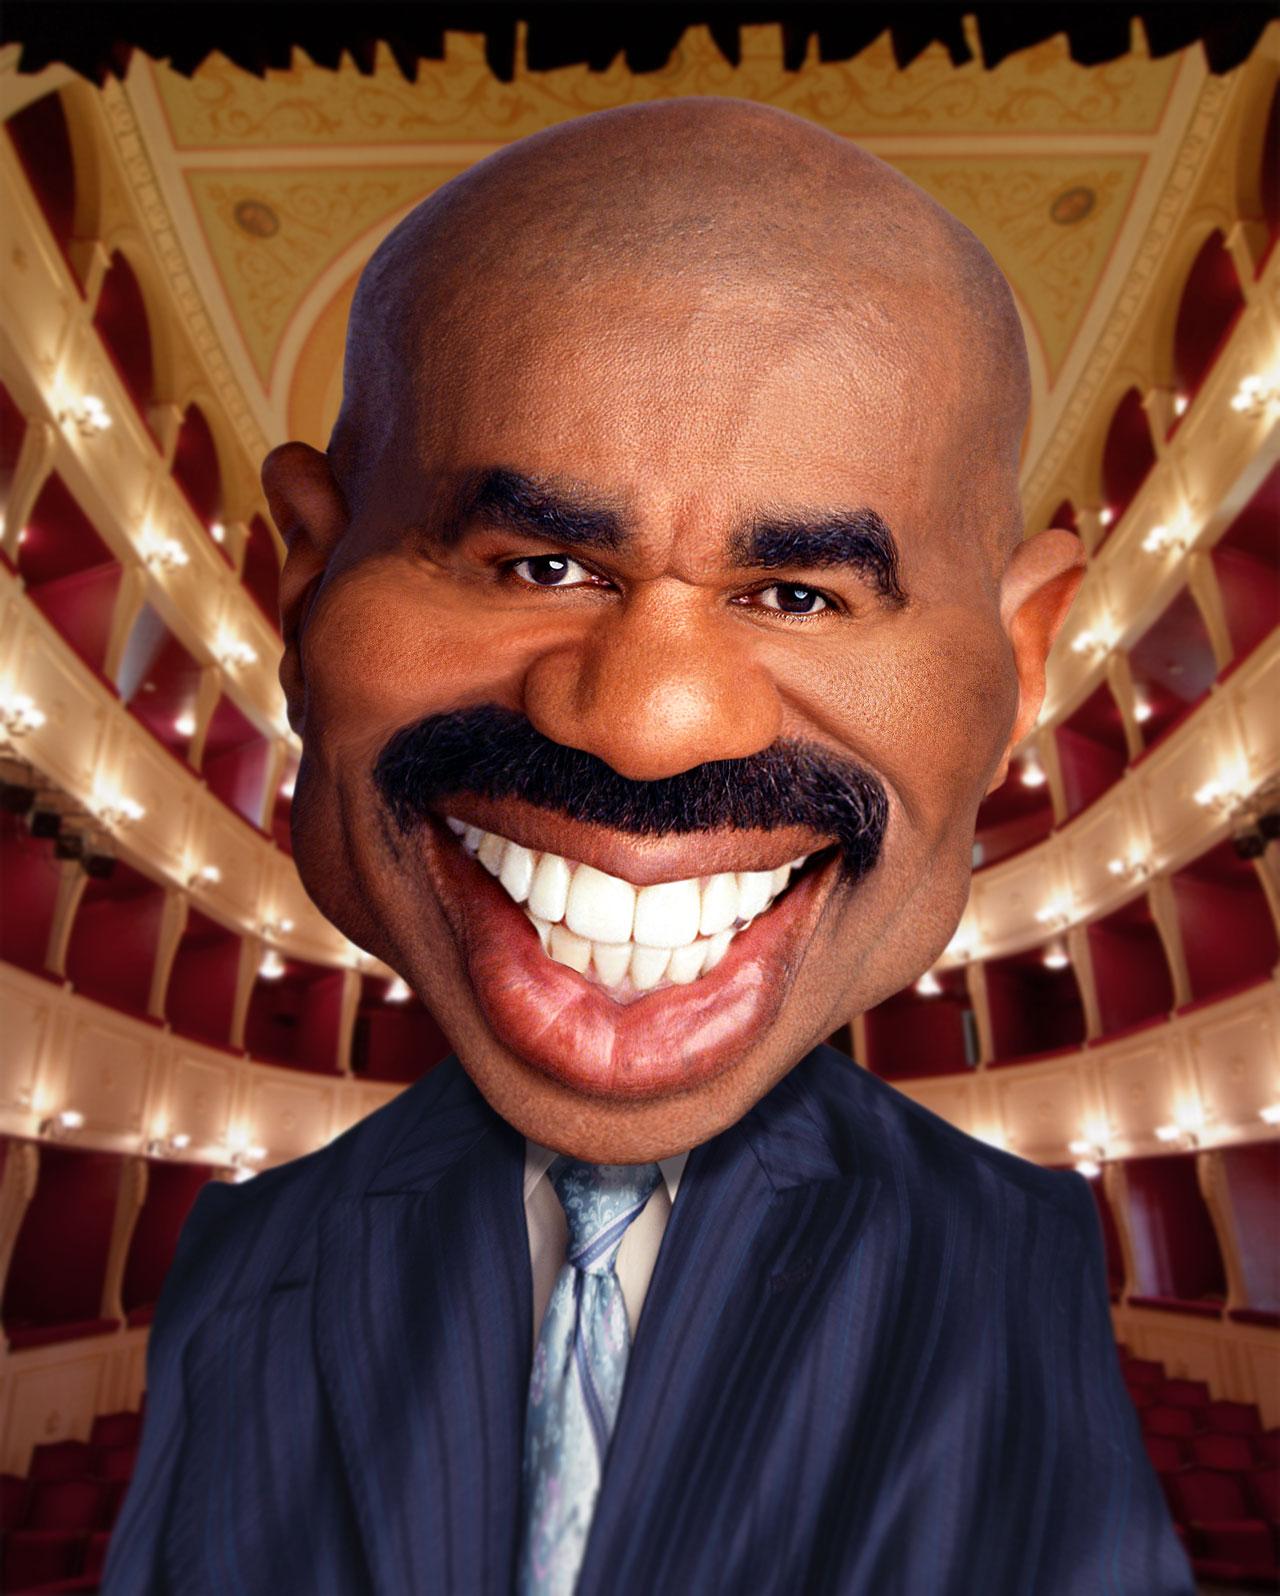 Steve Harvey Before Fake Teeth : steve, harvey, before, teeth, November, CtrlZstudio.com